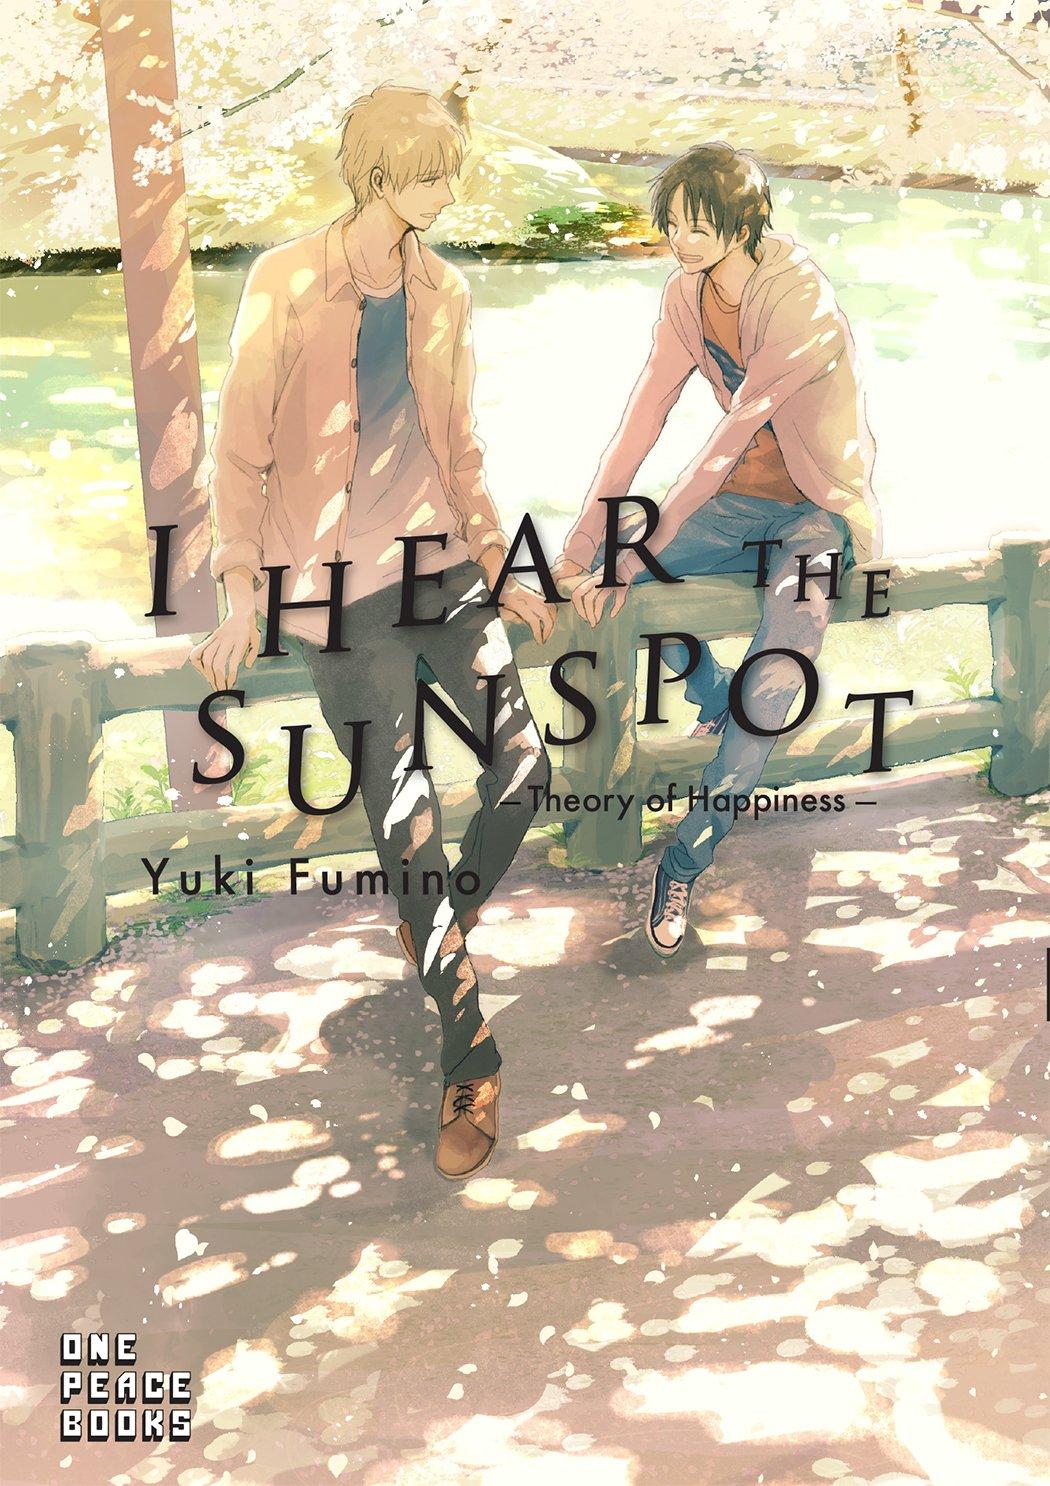 I Hear the Sunspot: Theory of Happiness (I Hear the Sunspot